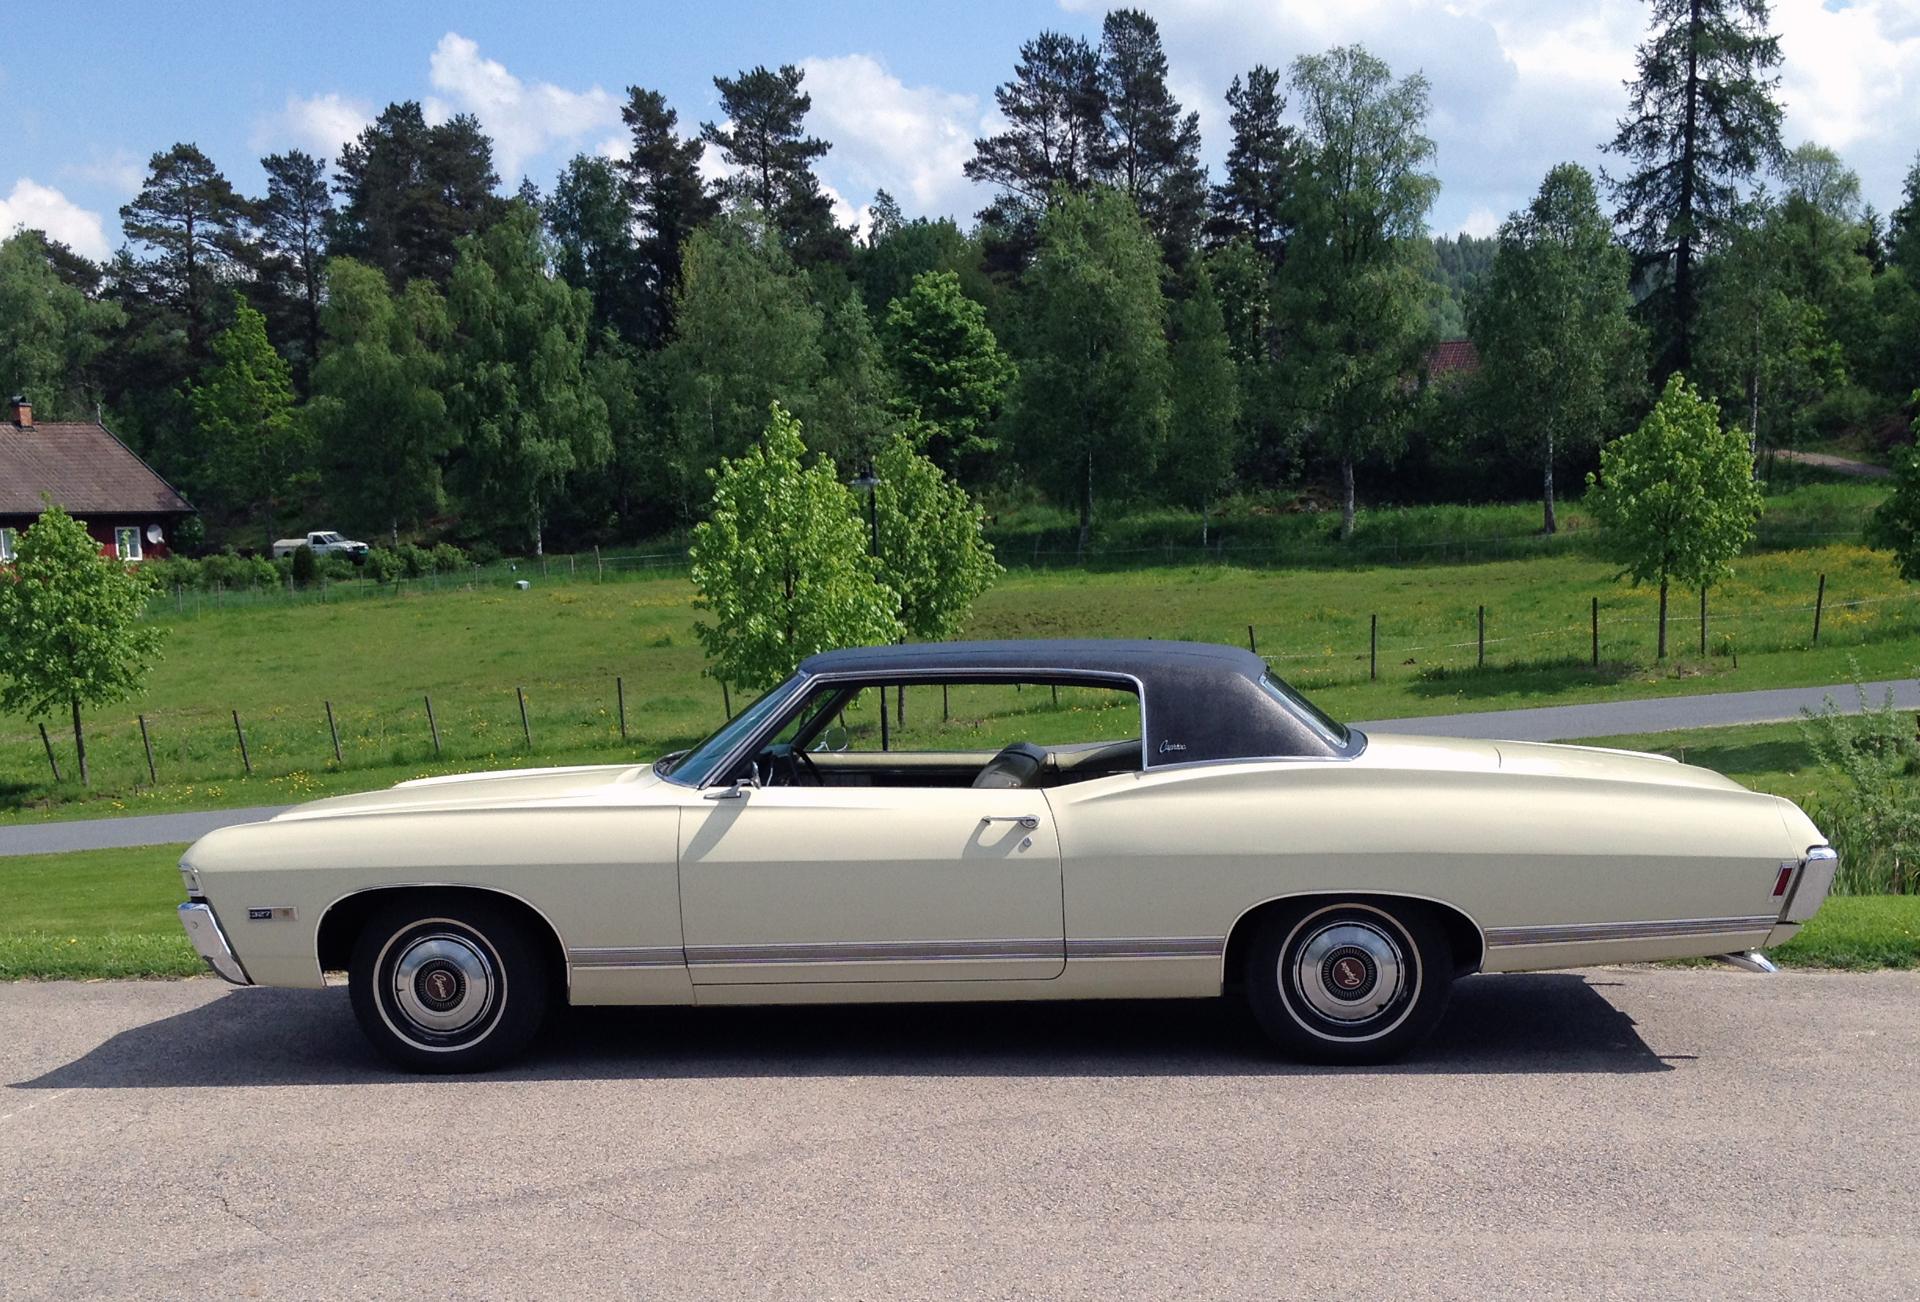 183-1968 Chevrolet Caprice 01. Eier- medlem 183 Ul